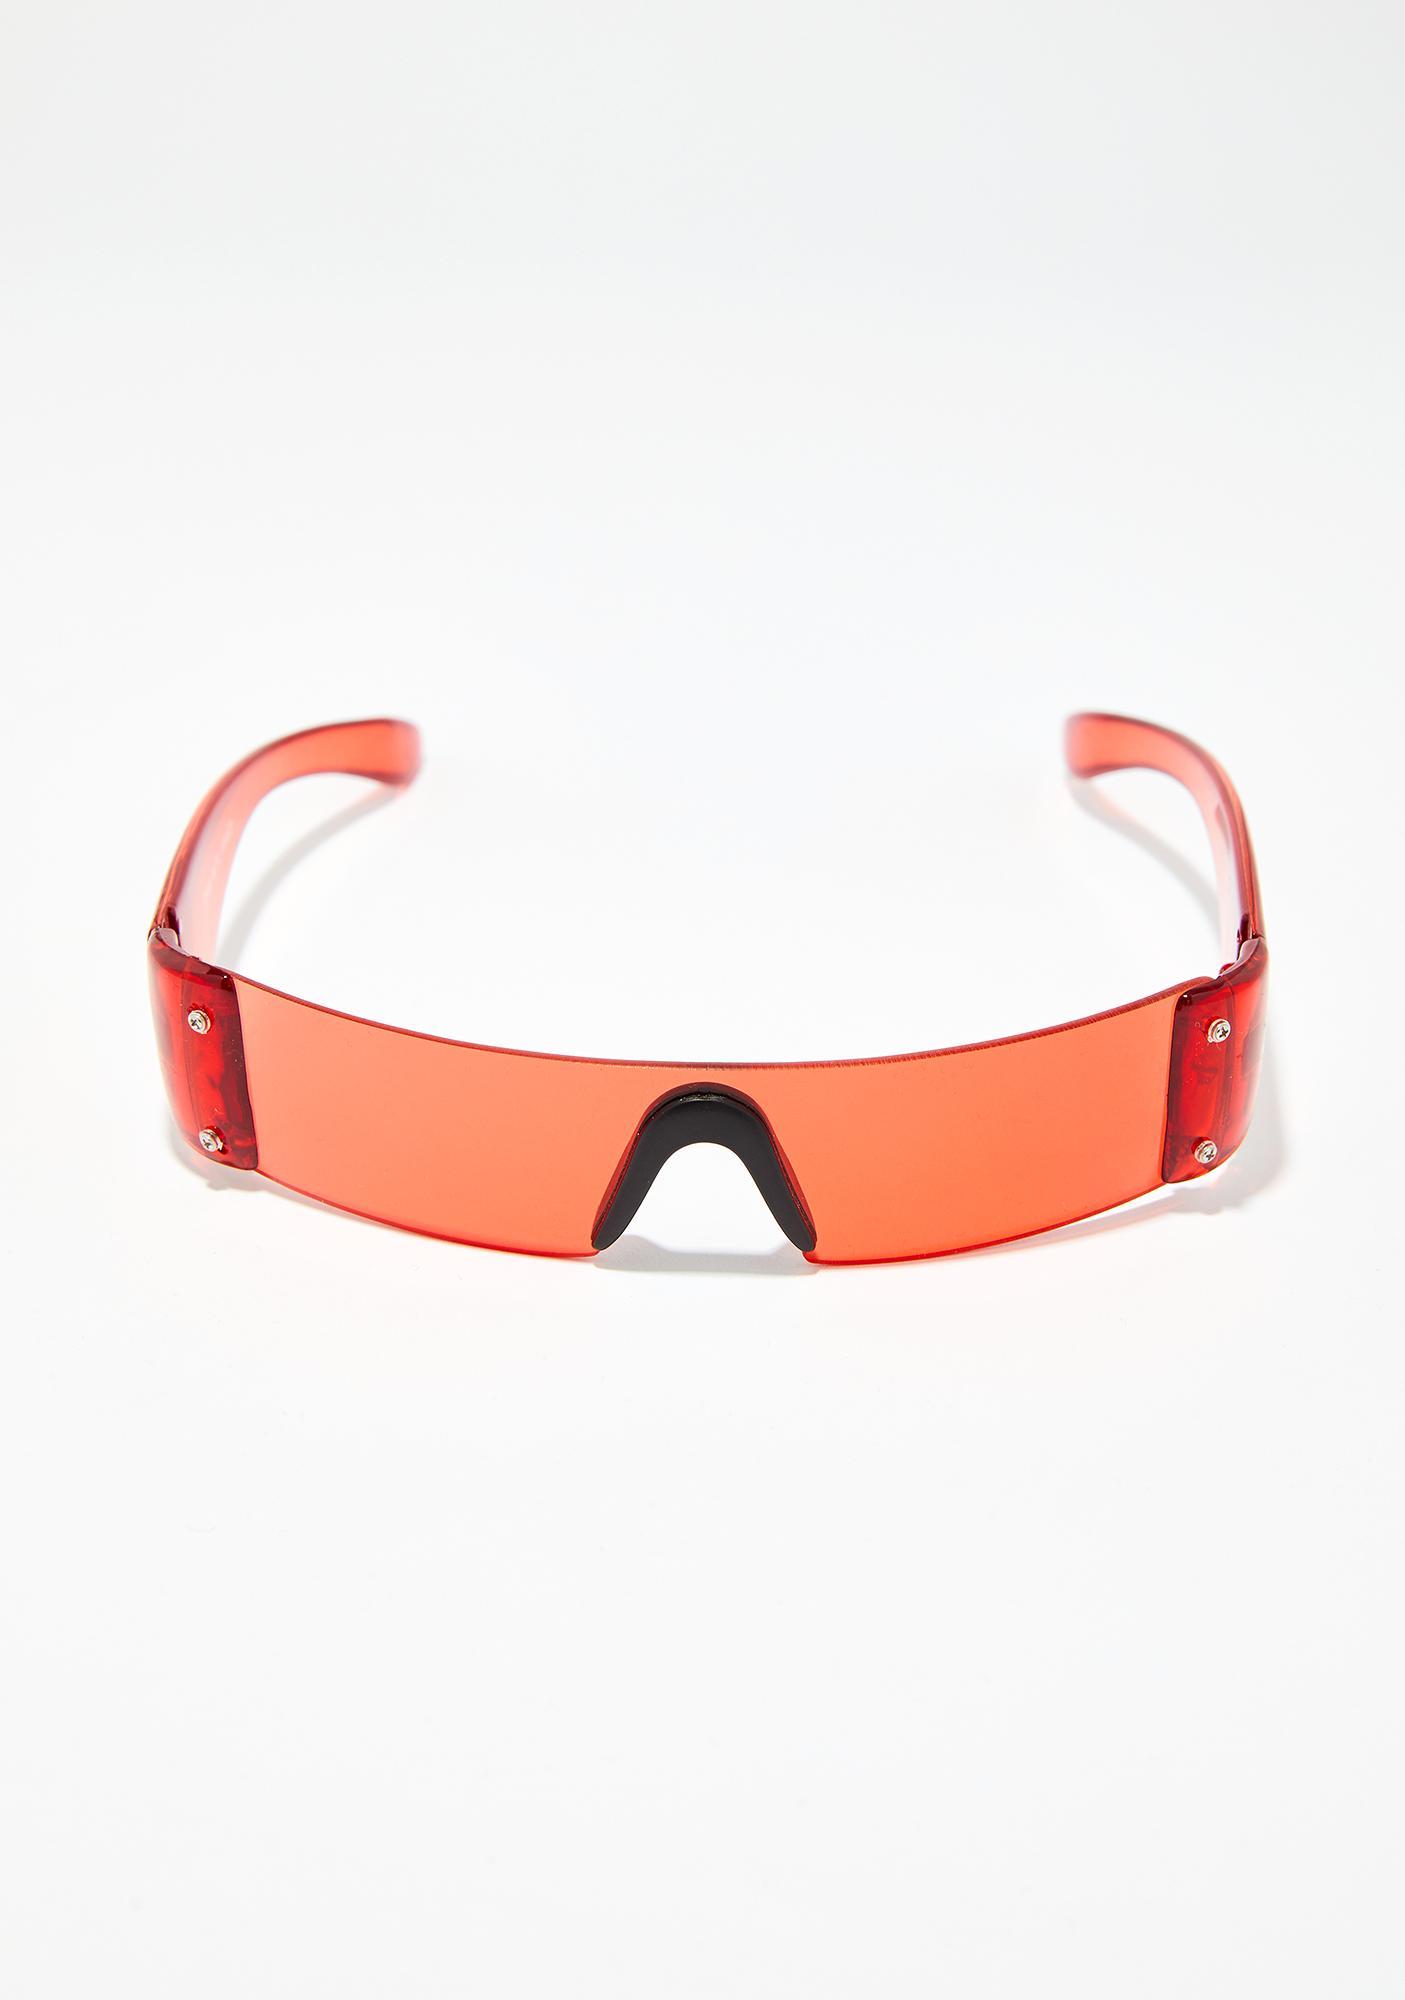 9acefab597 Lit Future Hustle Shield Sunglasses  Lit Future Hustle Shield Sunglasses ...